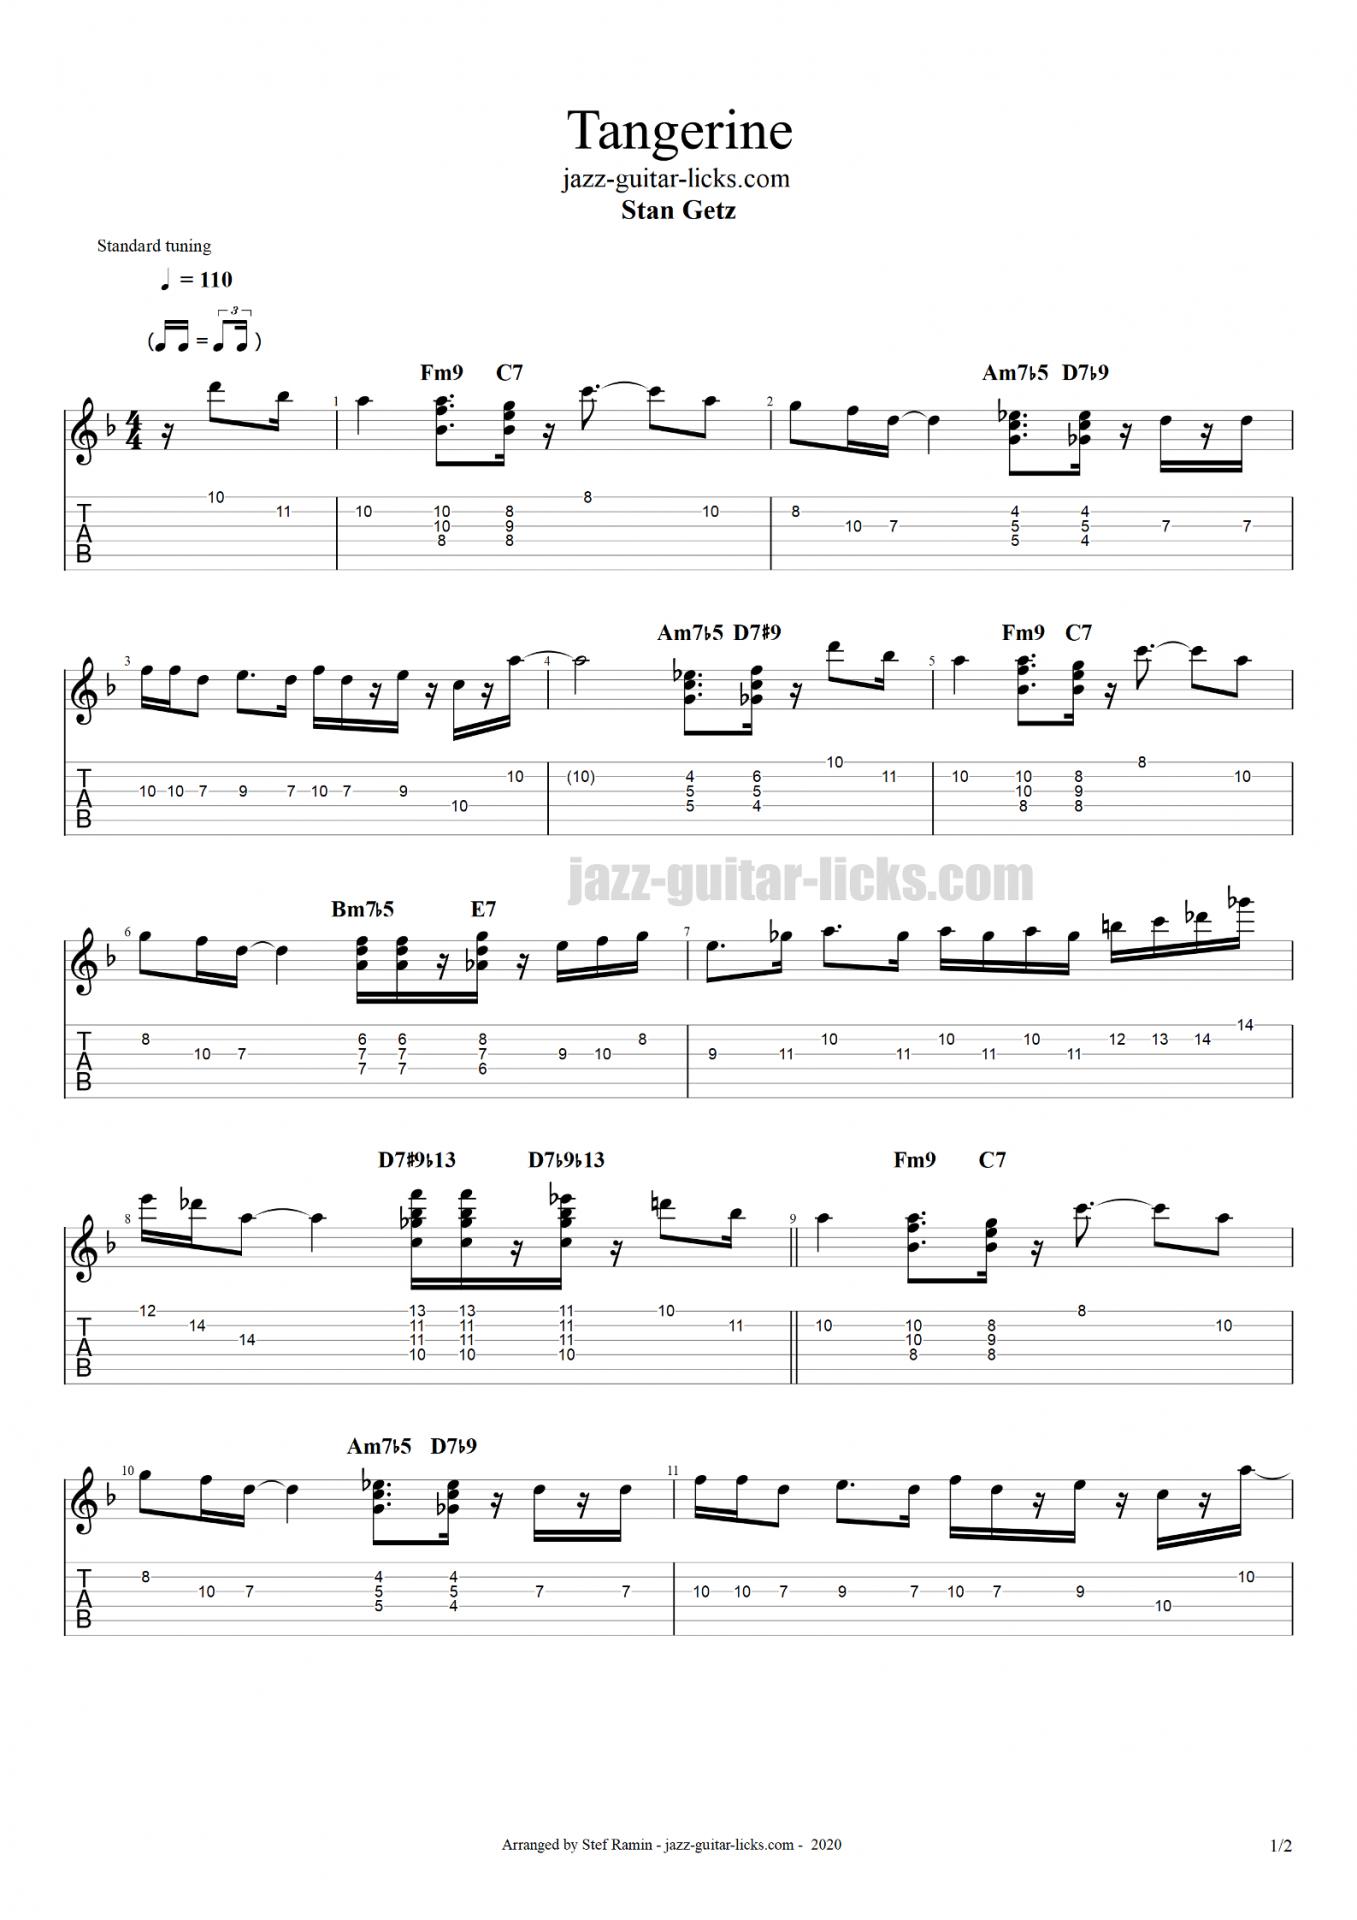 Tangerine stan getz jazz guitar tabs part1